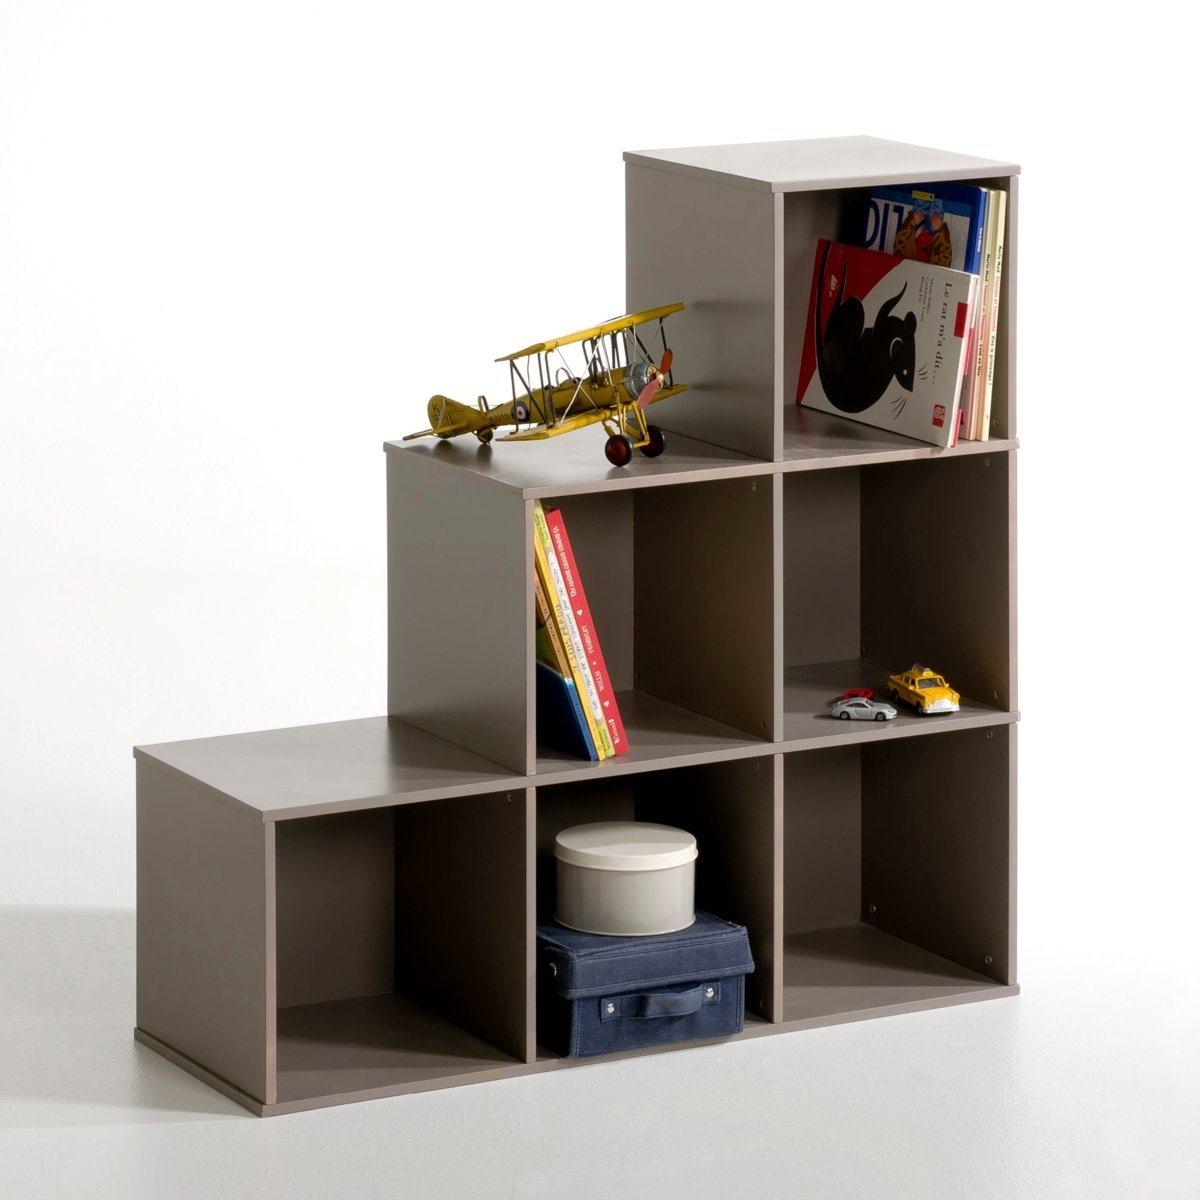 Модуль для хранения с 6 нишами FenomenМодуль для хранения с 6 нишами. Модуль для хранения с 6 нишами Fenomen выполнен в виде практичной, компактной и красивой лестницы. Можно использовать отдельно для хранения книг, можно дополнить цветными корзинами Fenomen, которые вы найдете на сайте laredoute.ru. Характеристики модуля для хранения Fenomen:Каркас из лакированного МДФ (нитроцеллюлоза), верх: лакированный полиуретан.Отделка белого или серо-коричневого цвета.Для модуля для хранения Fenomen предусмотрена самостоятельная сборка.Найдите все предметы коллекции Fenomen на сайте laredoute.ruРазмеры модуля для хранения Fenomen:Общие: Ширина: 99 см. Высота: 34 см. Глубина: 99 см.Полезные размеры:Д.30 x В.30 x Г.32 см.С 1 мая 2013 года осуществляется поддержка по экологической утилизации старой мебели. Стоимость утилизации возмещается компании ?co-Mobilier, организации, которая занимается, сбором, переработкой и оценкой старой мебели.<br><br>Цвет: серо-коричневый каштан<br>Размер: 6